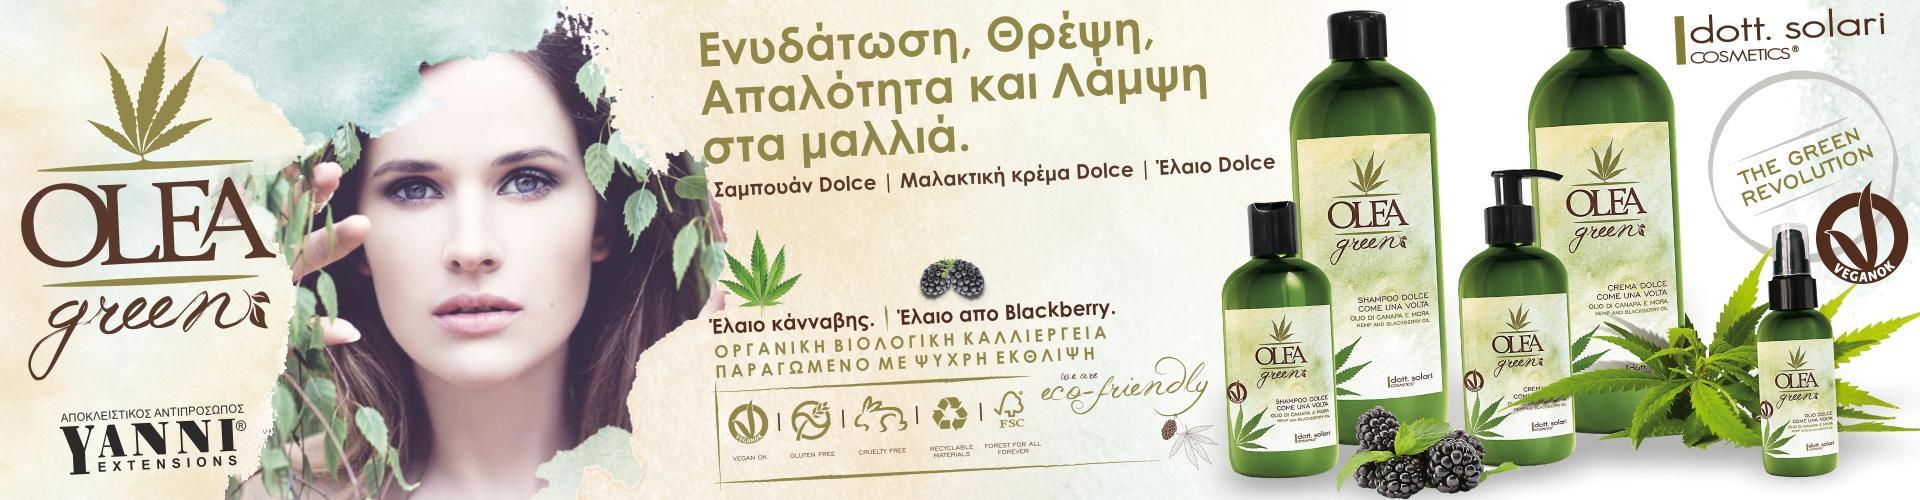 olea-green-banner